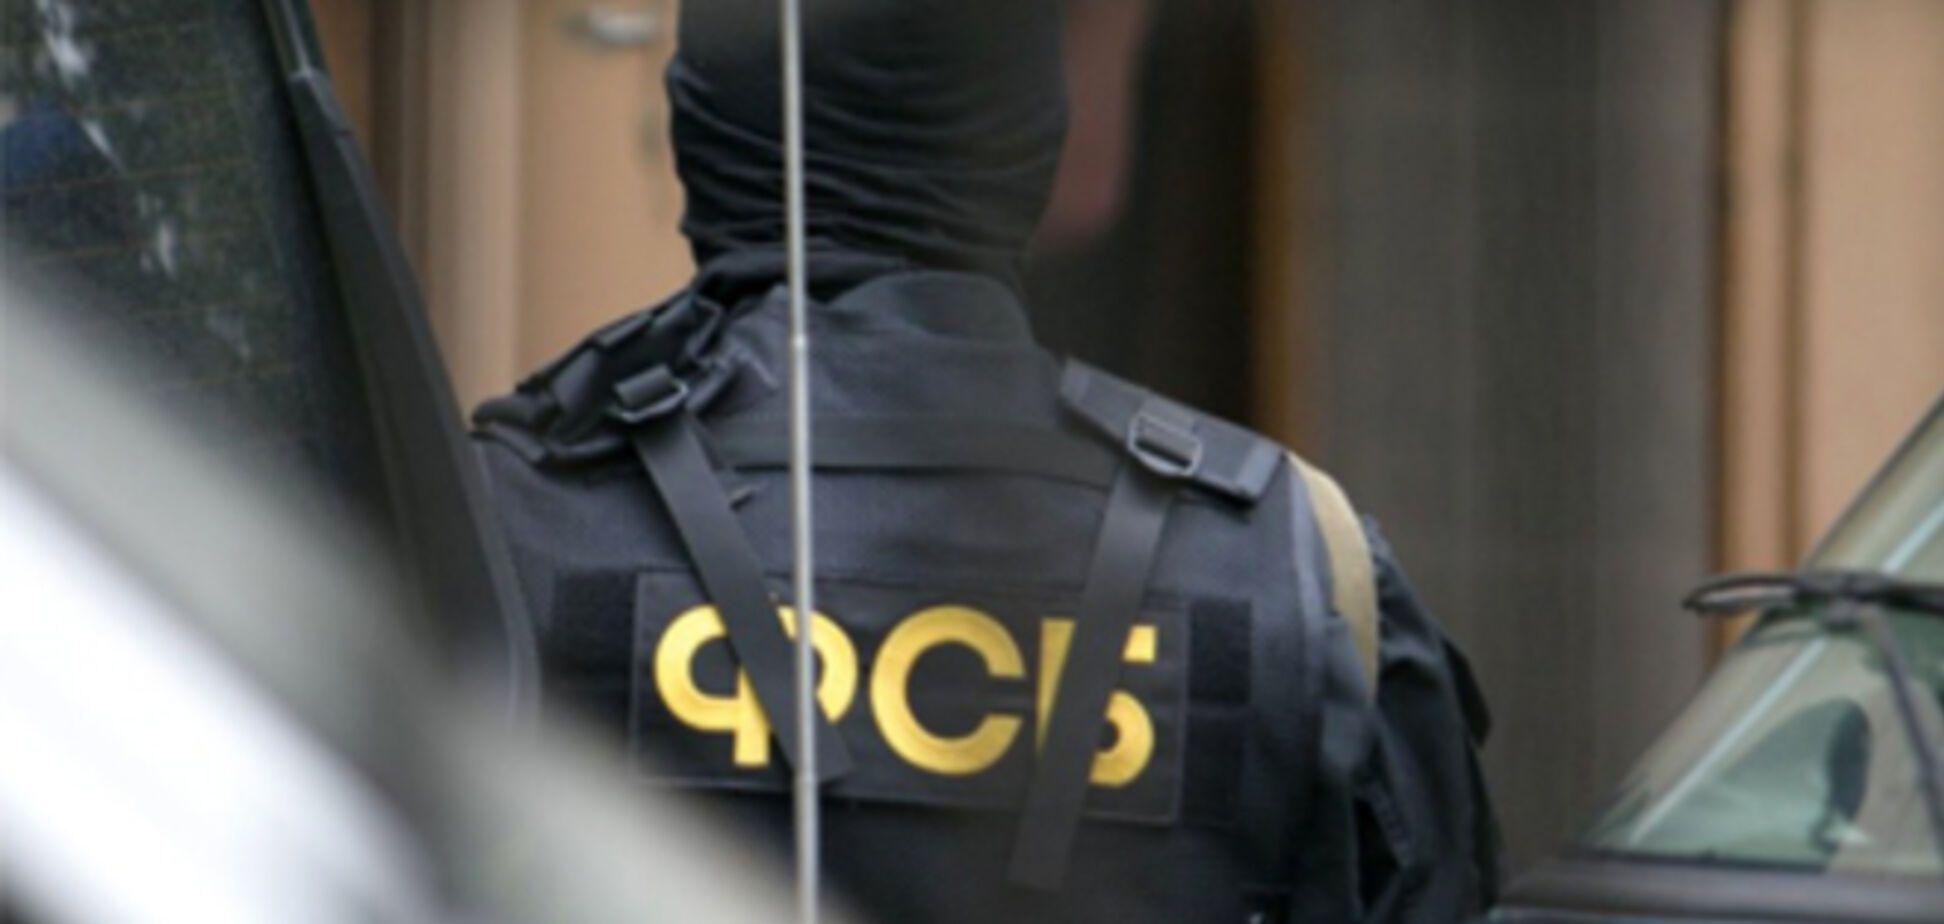 В России взрослая жизнь наступает с первым звонком от ФСБ и с первыми угрозами